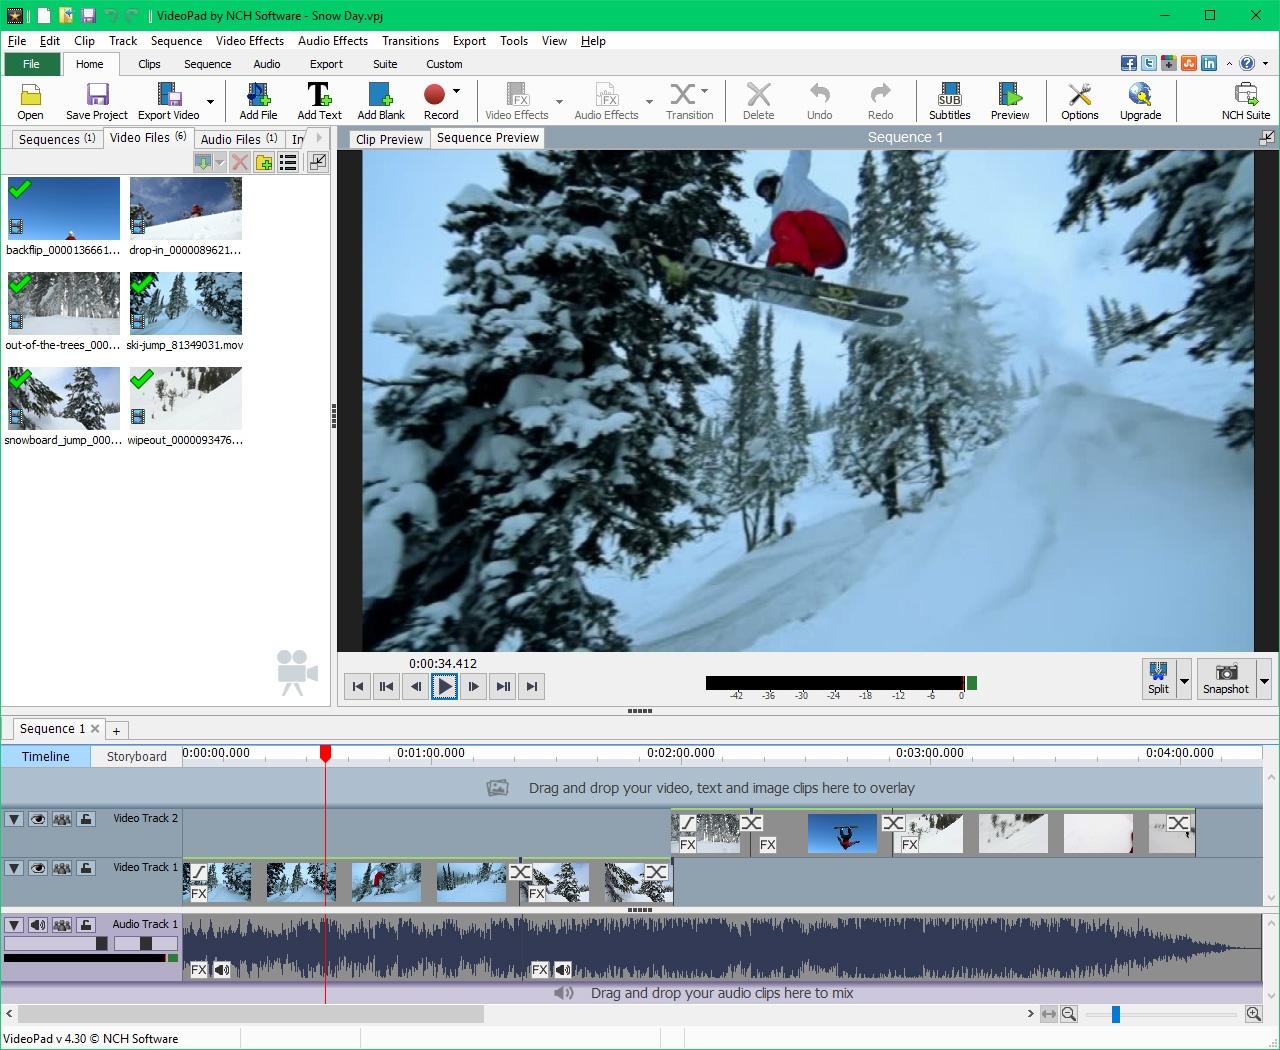 videopad key 6.10